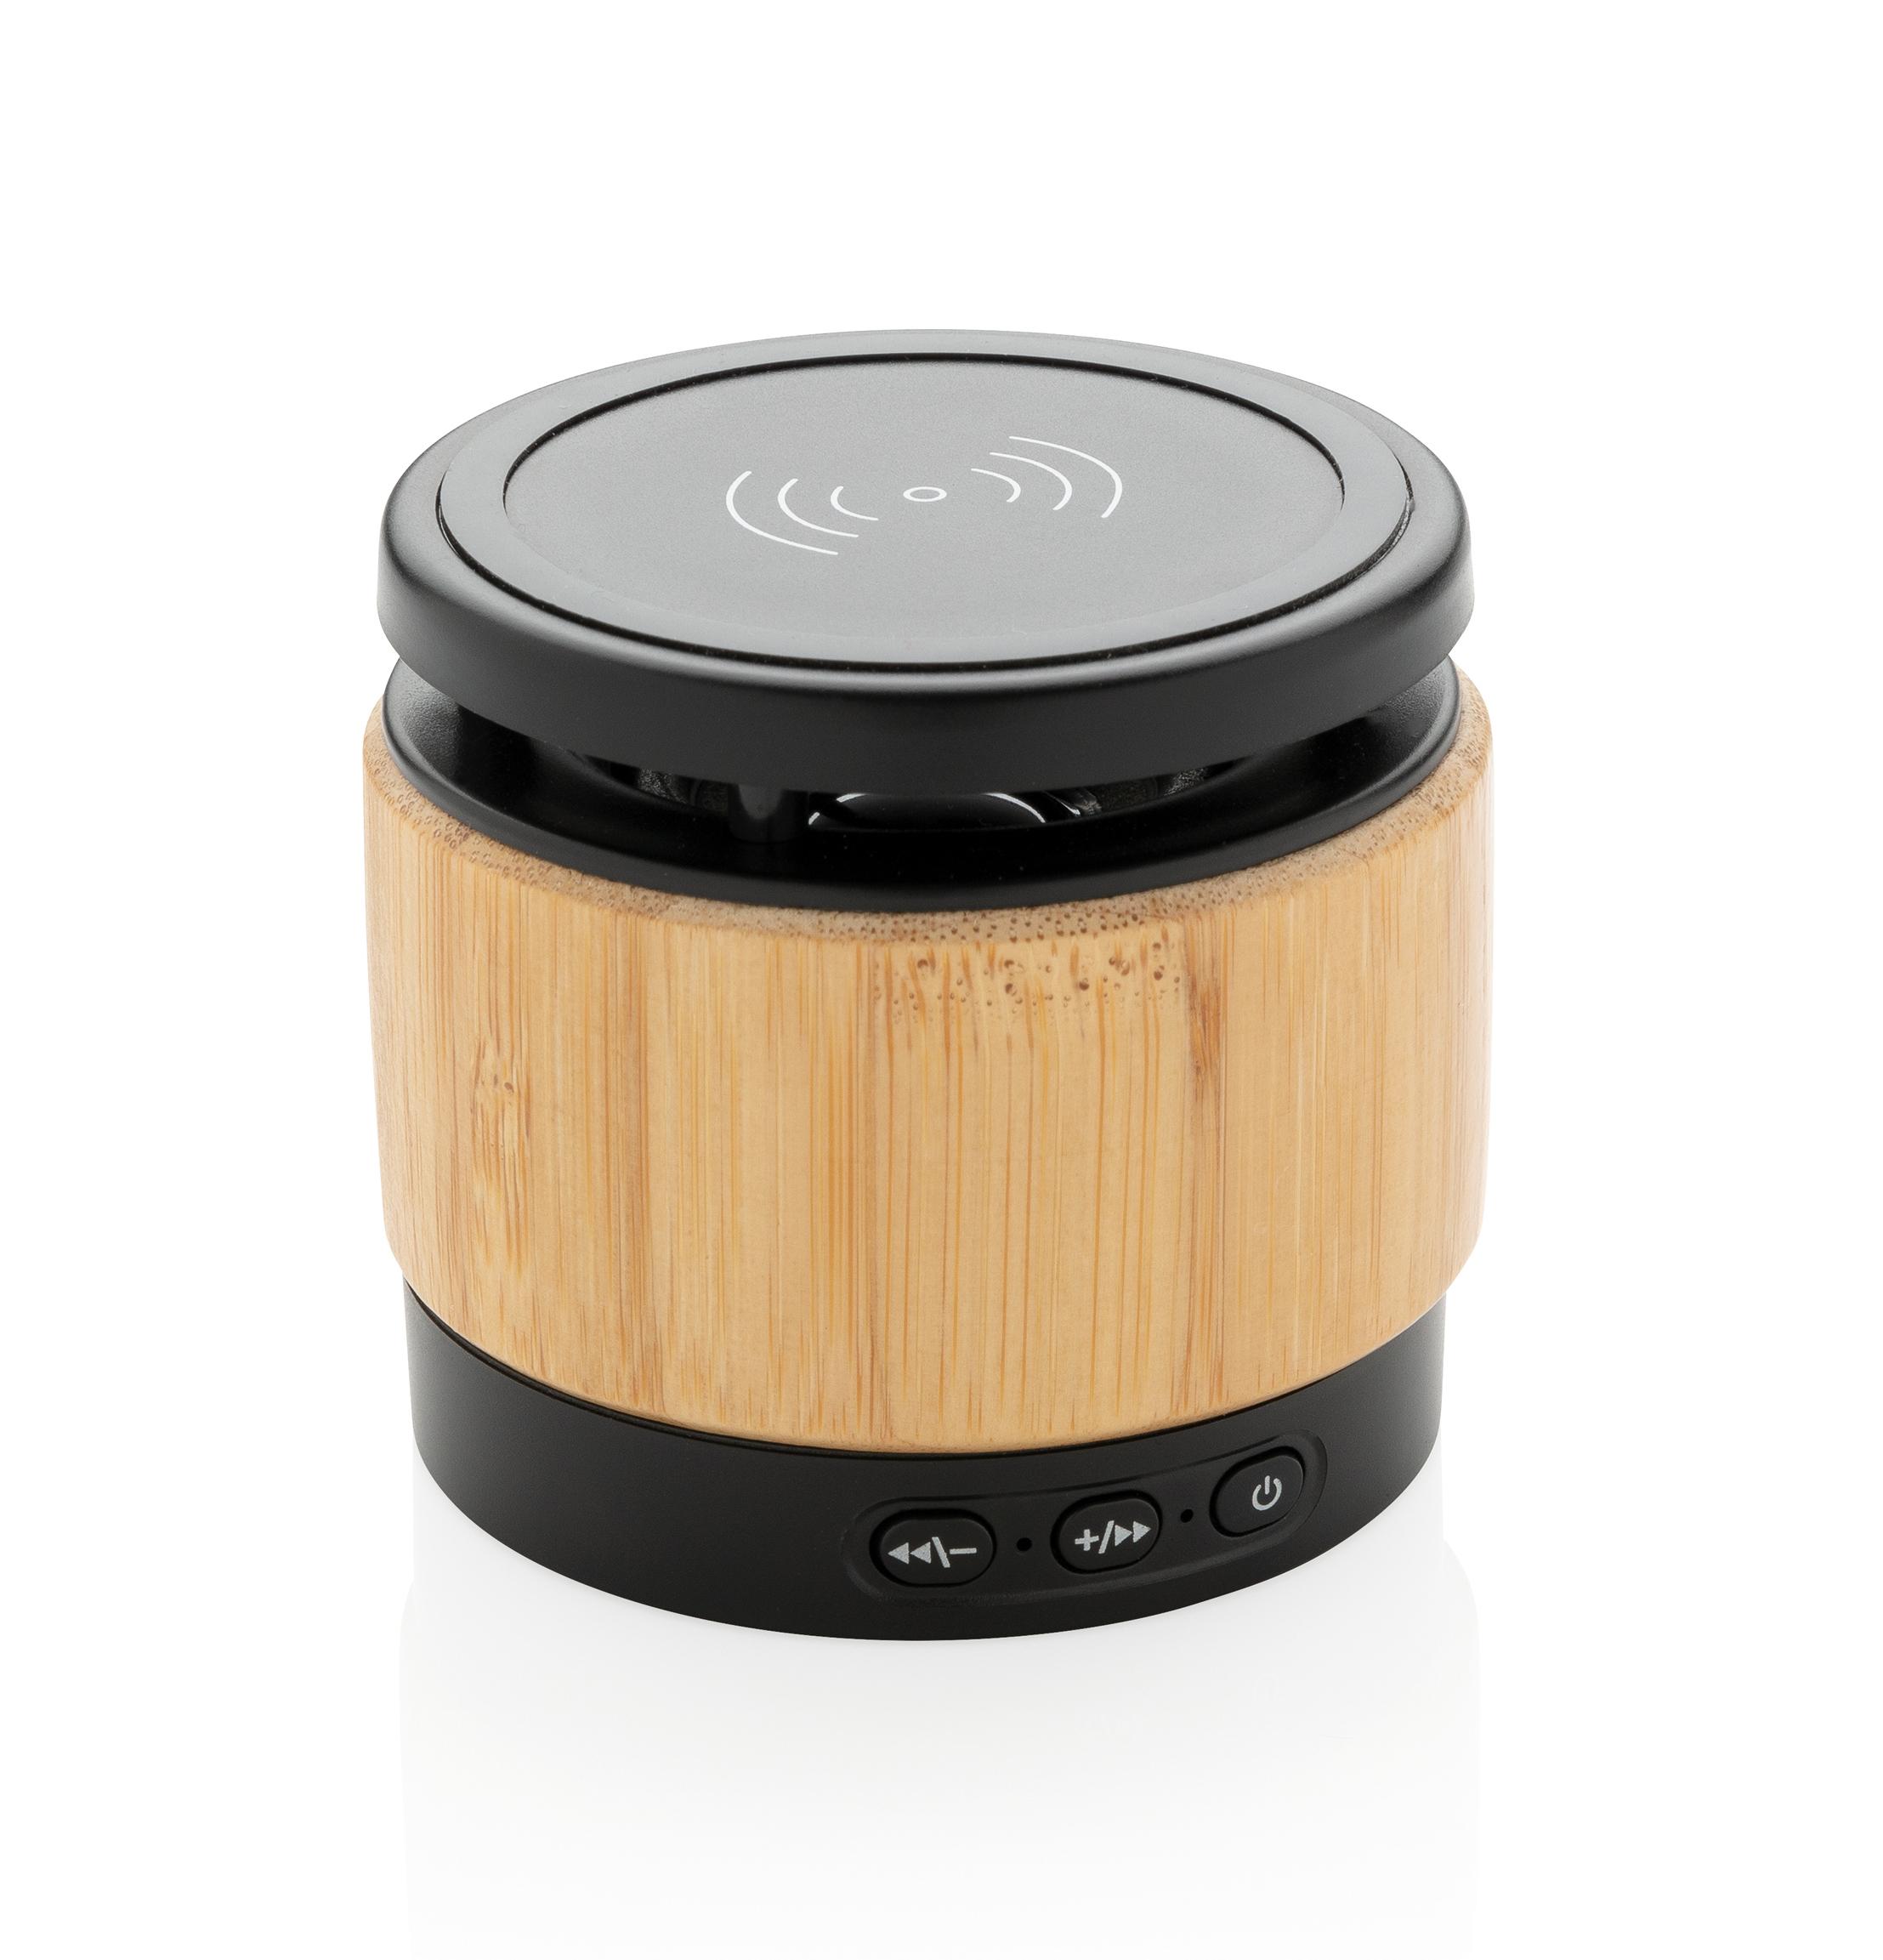 Enceinte 3W avec chargeur à induction en bambou